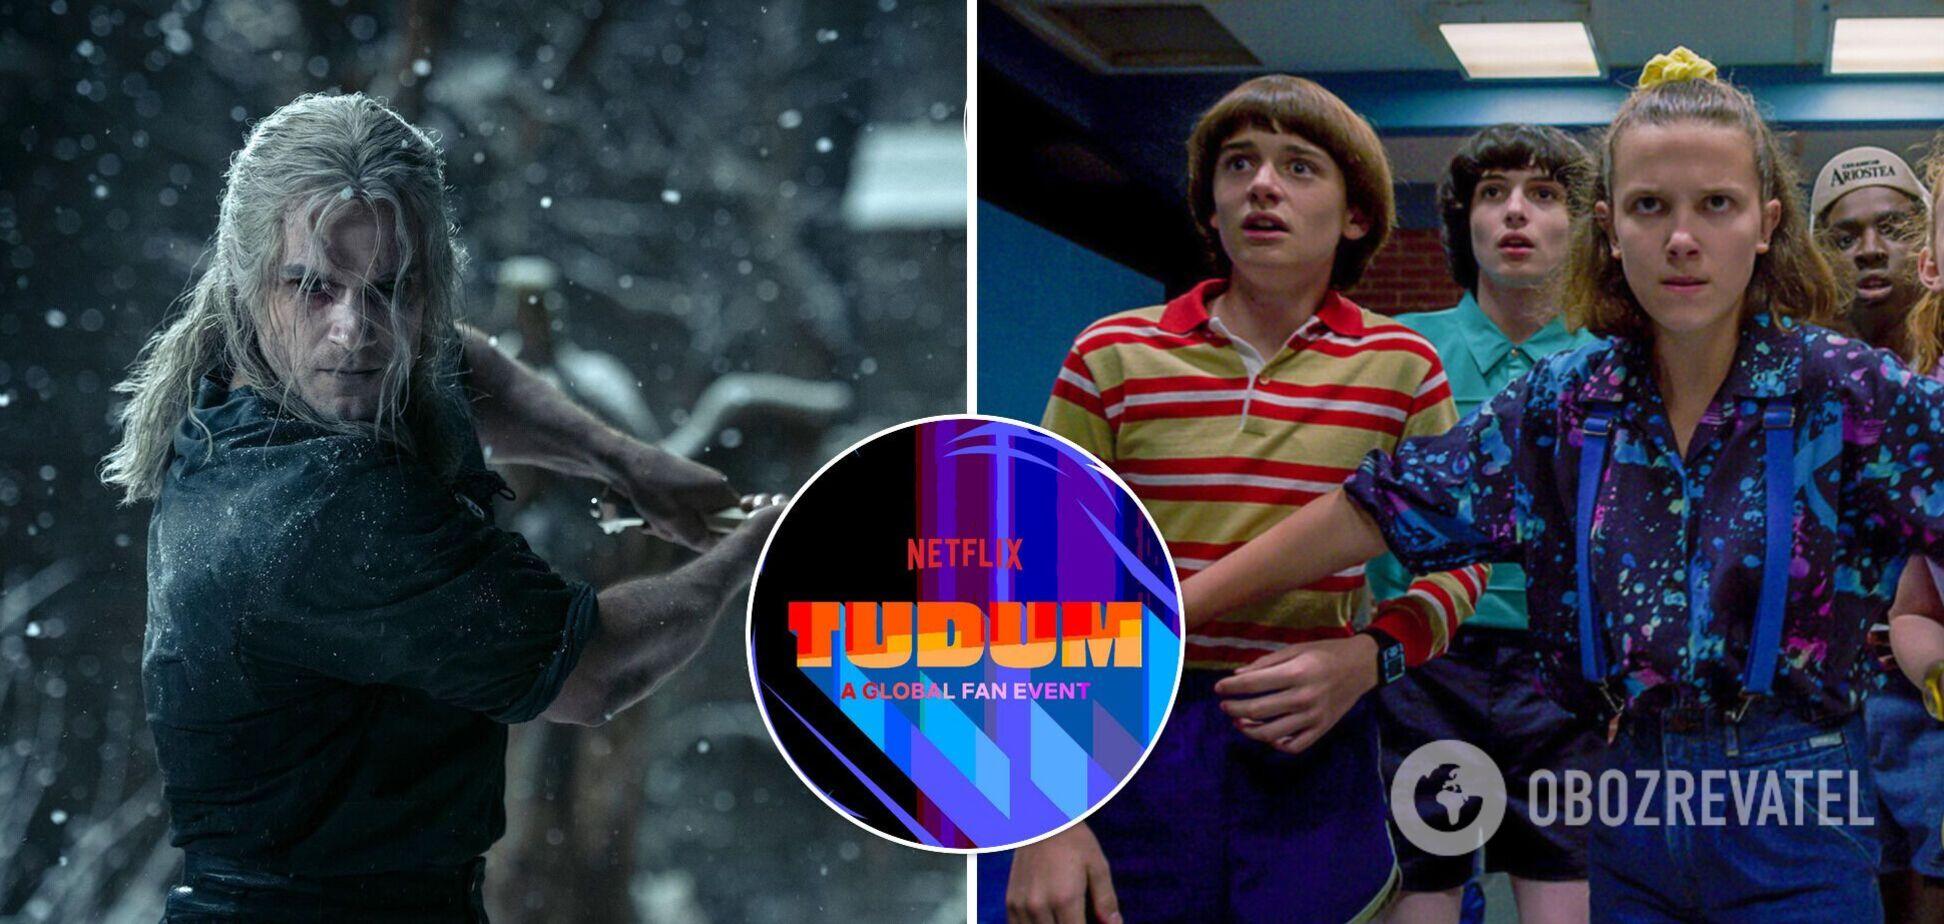 'Очень странные дела', 'Ведьмак' и не только: Netflix показал трейлеры главных премьер